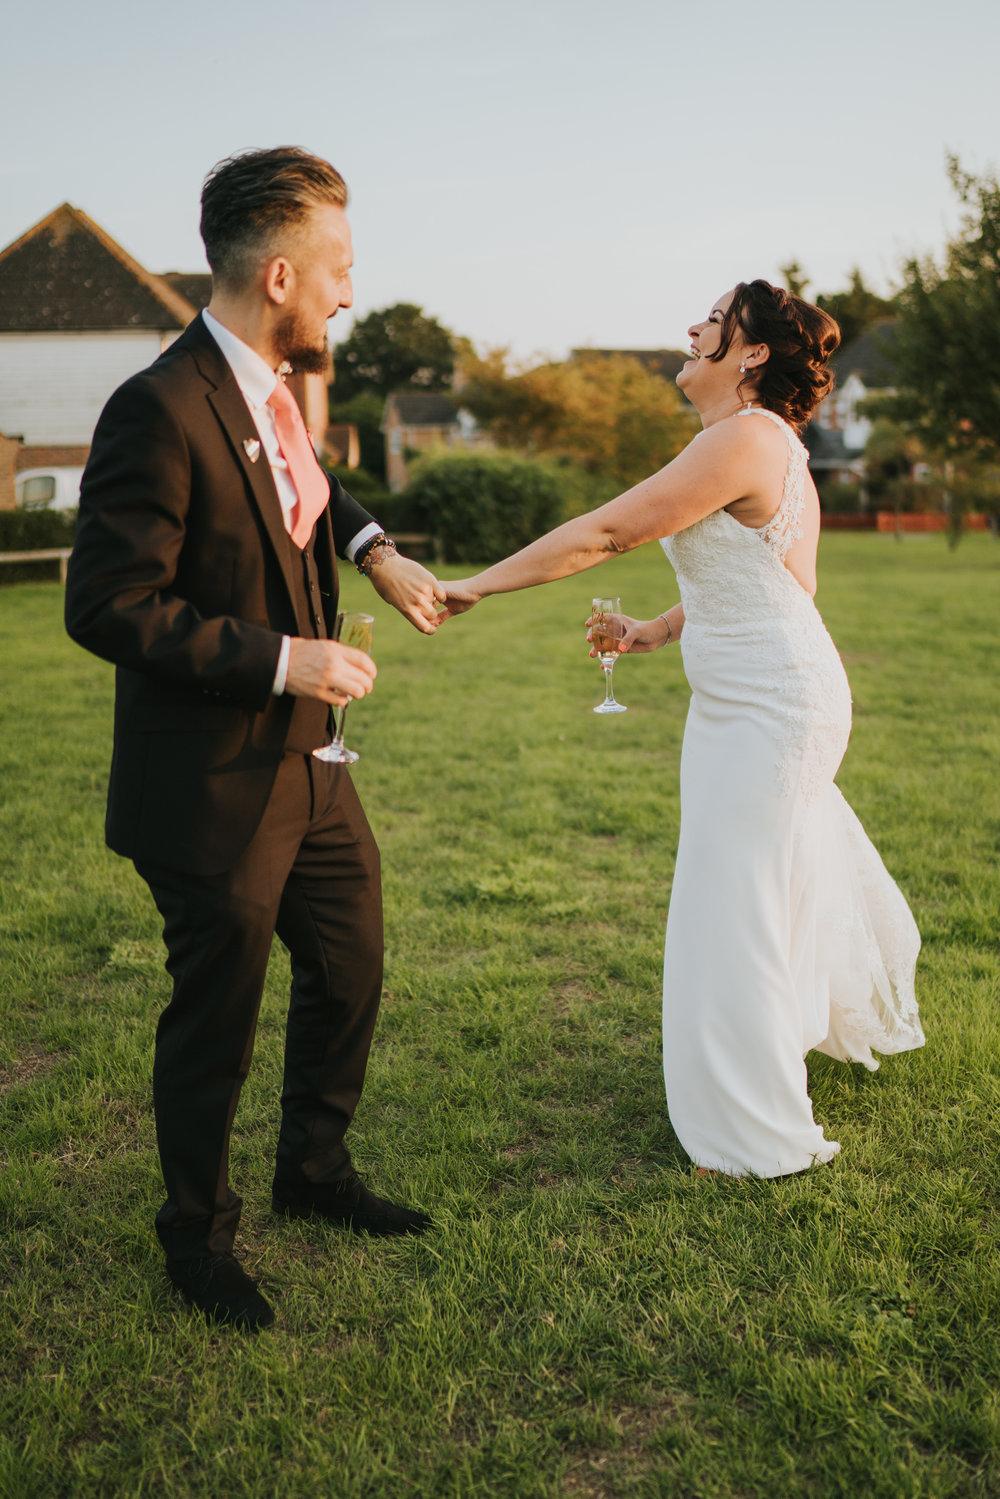 Joe-Tiffany-Colchester-Castle-Wedding-Essex-Grace-Elizabeth-Colchester-Essex-Alternative-Wedding-Photographer-Suffolk-Norfolk-Devon (106 of 122).jpg